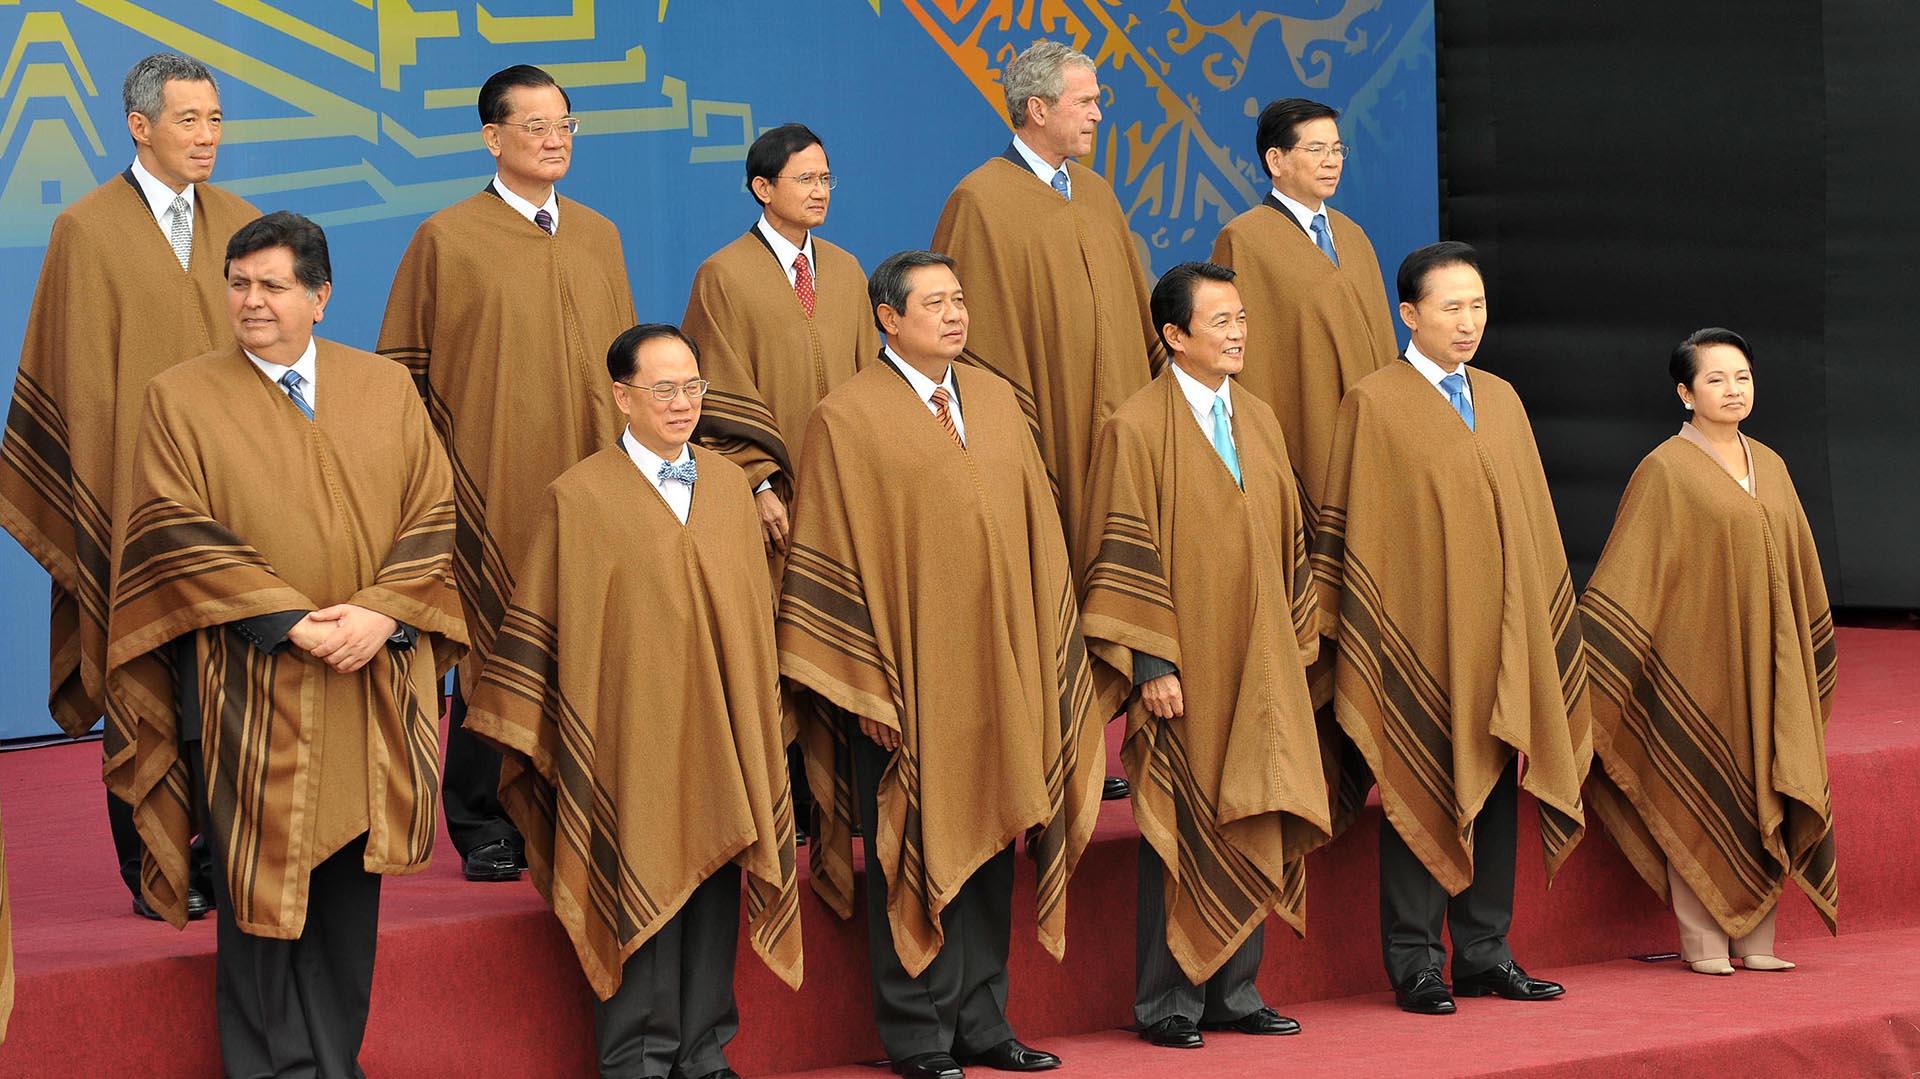 García también fue el anfitrión de una cumbre de la APEC, el Foro de Cooperación Asia-Pacífico, en 2008